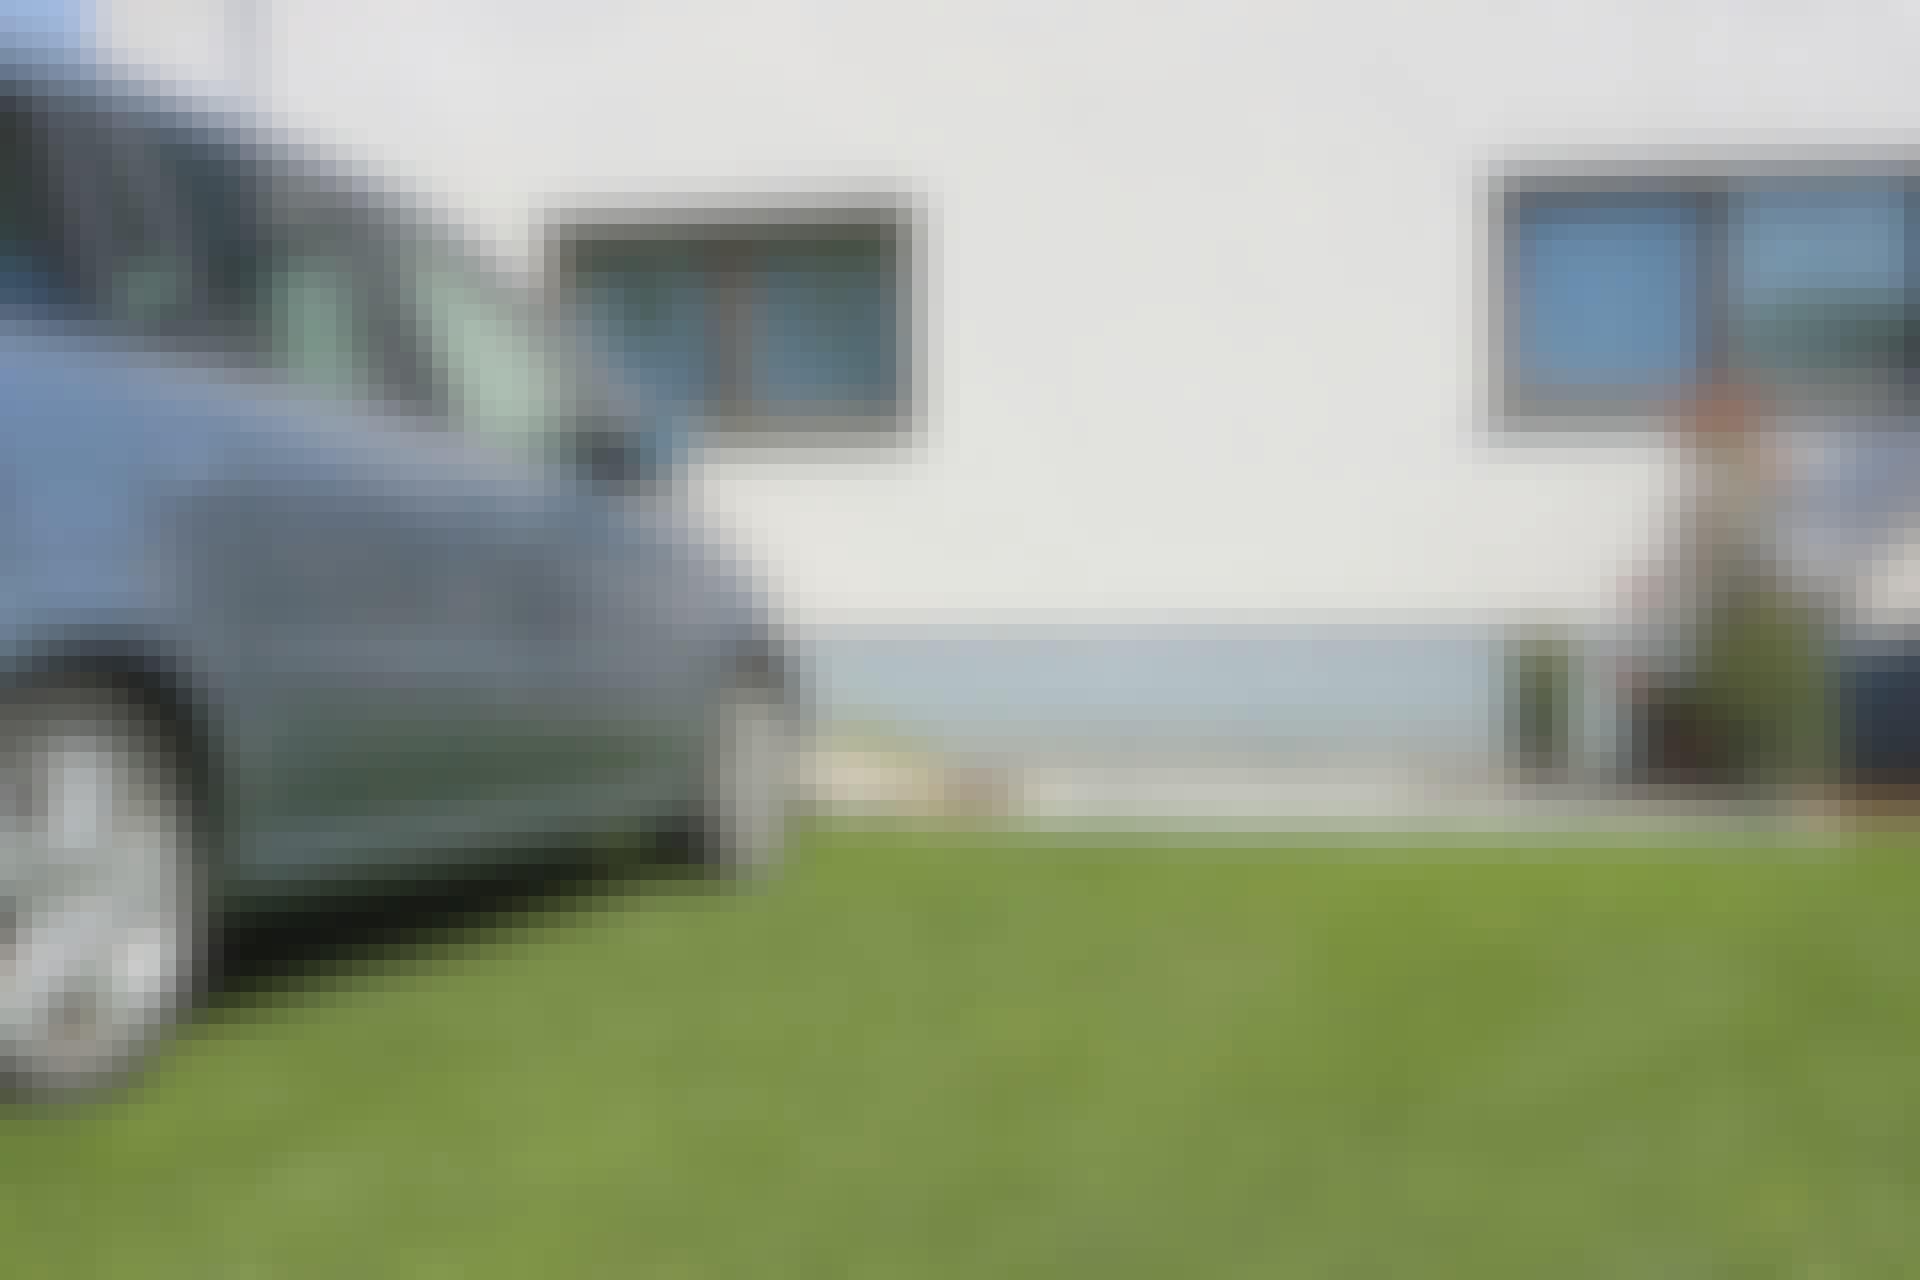 Med græsarmering i plast, kan du gøre en græsplæne så stærk, at du kan parkere din bil på den, uden at den tager skade. Du kan også bruge græsarmering de steder, hvor der er et stort slid, fx på gangarealer, foran skuret eller ved gyngestativet. Det er let at lægge og overkommeligt rent prismæssigt.